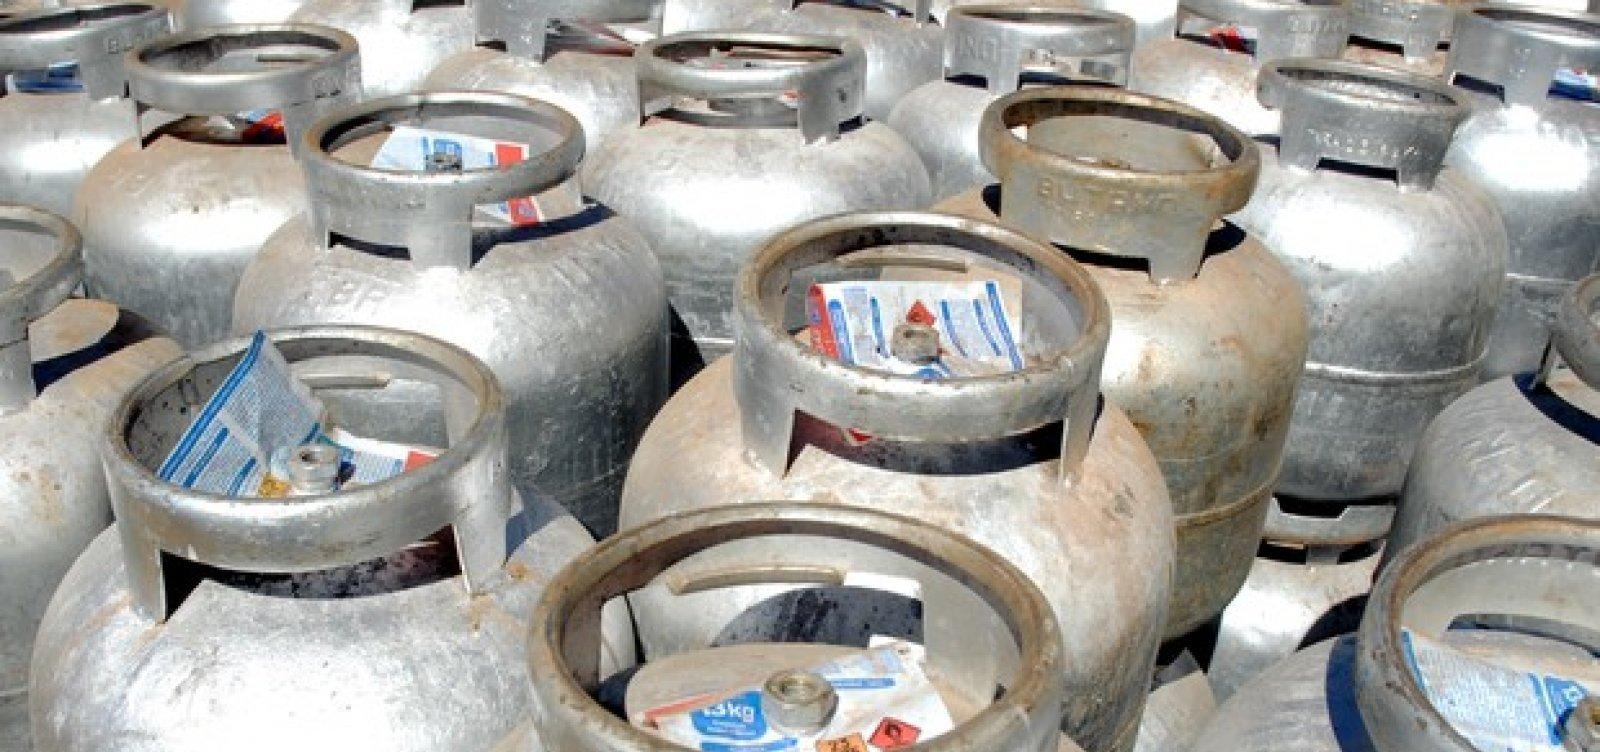 Com alta de 5%, botijão de gás chega a R$ 92,5 em Salvador